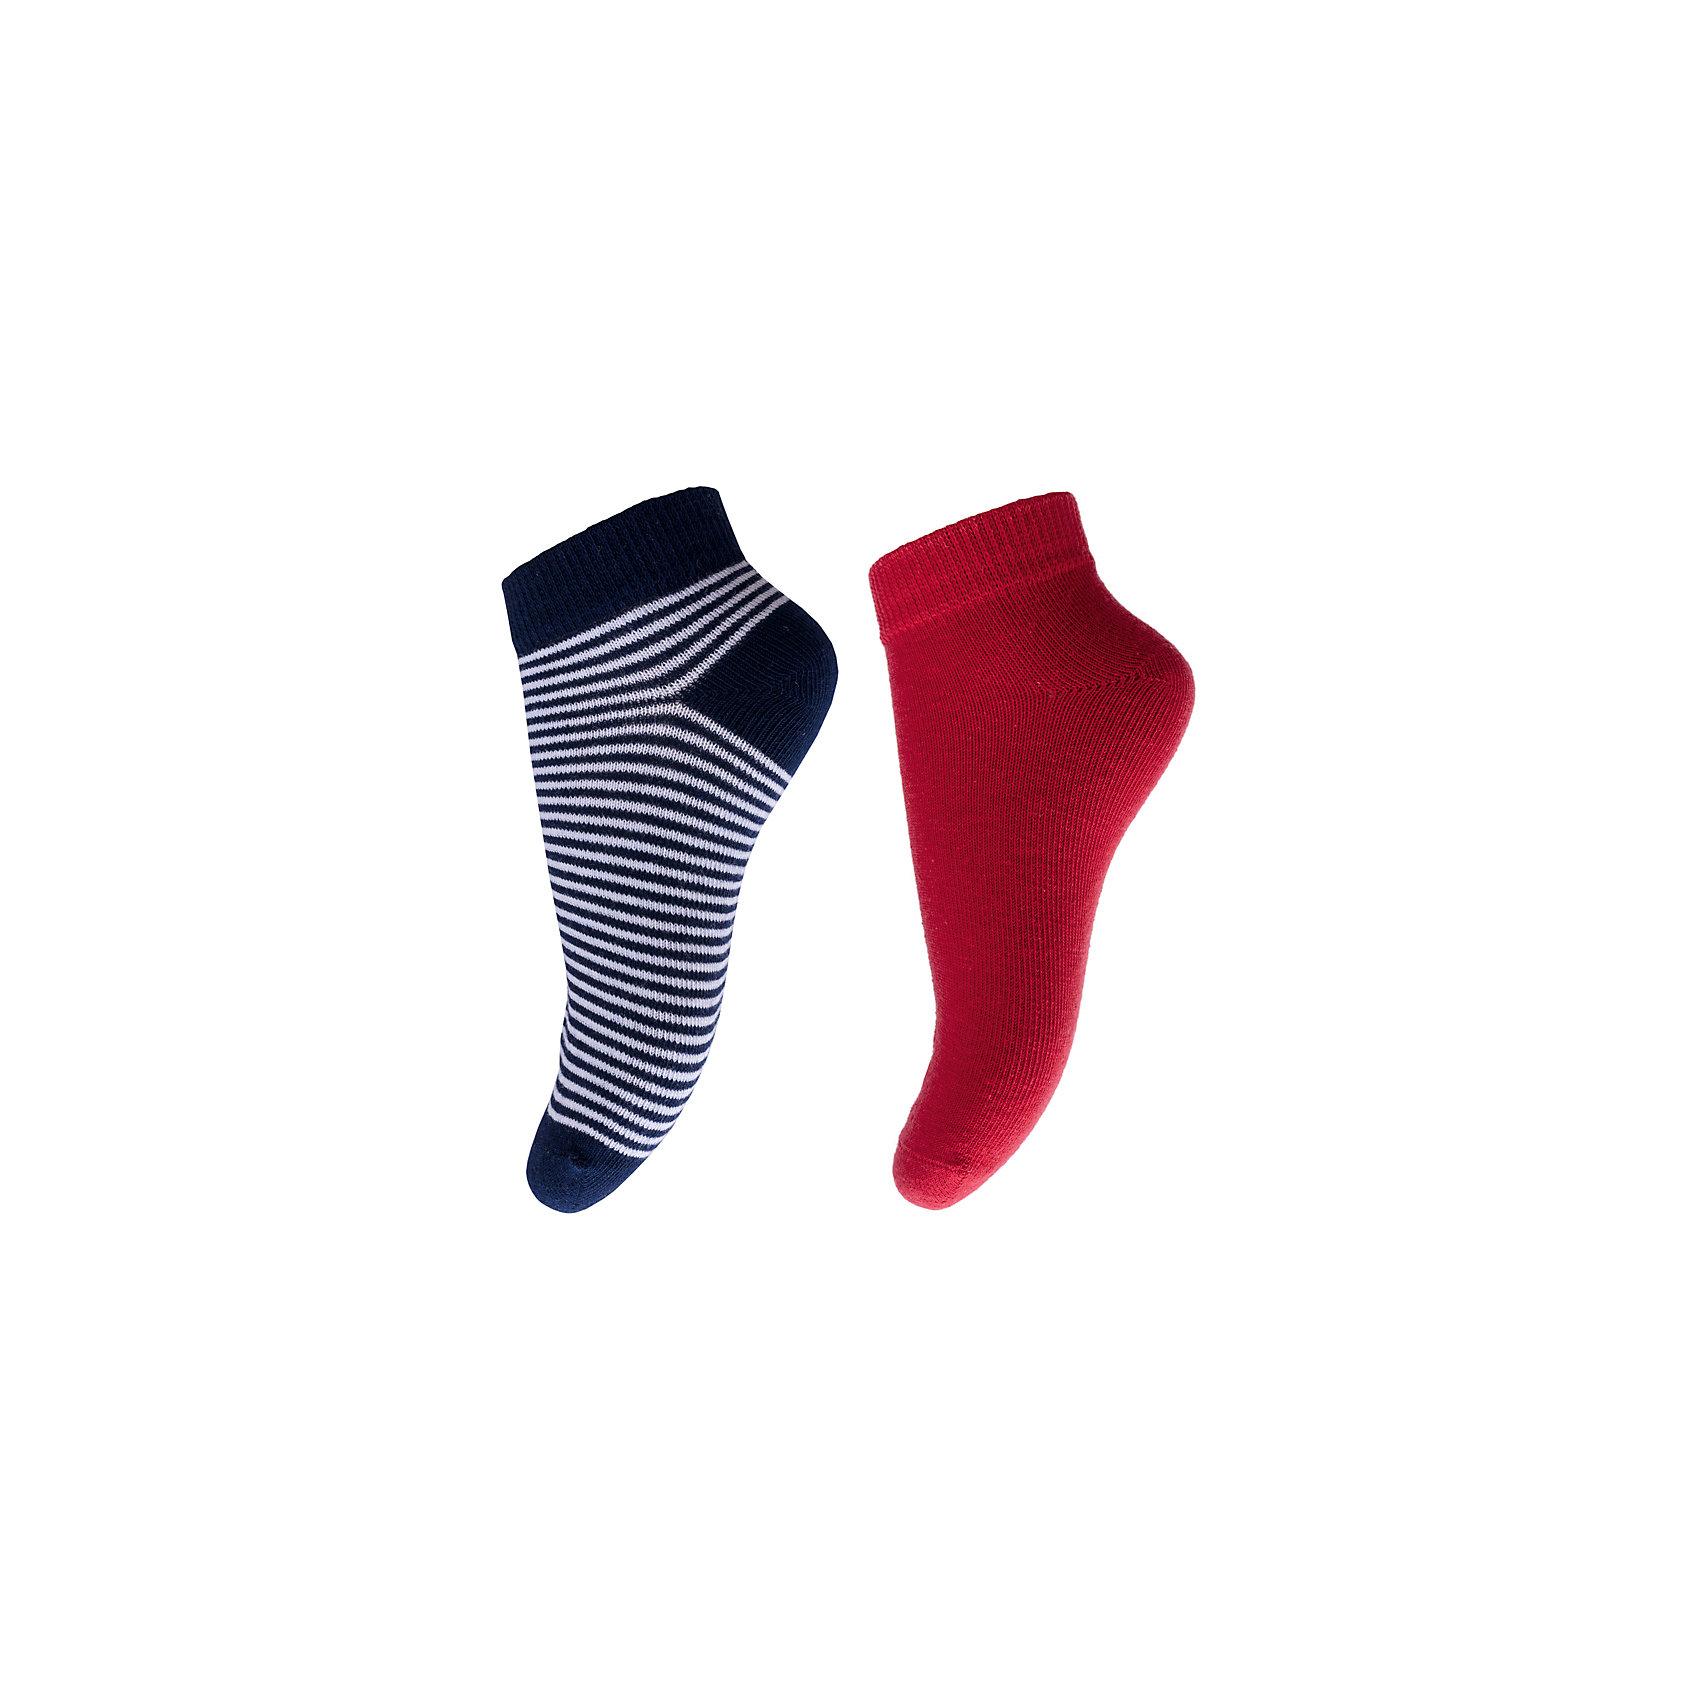 Носки для девочки PlayTodayНоски<br>Носки очень мягкие, из качественных материалов, приятны к телу и не сковывают движений. Хорошо облегают ногу.Преимущества: Мягкие, выполненные из натуральных материалов, приятны к телу, не сковывают движенийХорошо пропускают воздух, позволяя тем самым коже дышатьДаже частые стирки, при условии соблюдений рекомендаций по уходу, не изменят ни форму, ни цвет изделия.<br>Состав:<br>75% хлопок, 22% нейлон, 3% эластан<br><br>Ширина мм: 87<br>Глубина мм: 10<br>Высота мм: 105<br>Вес г: 115<br>Цвет: красный<br>Возраст от месяцев: 84<br>Возраст до месяцев: 96<br>Пол: Женский<br>Возраст: Детский<br>Размер: 18,14,16<br>SKU: 5604004